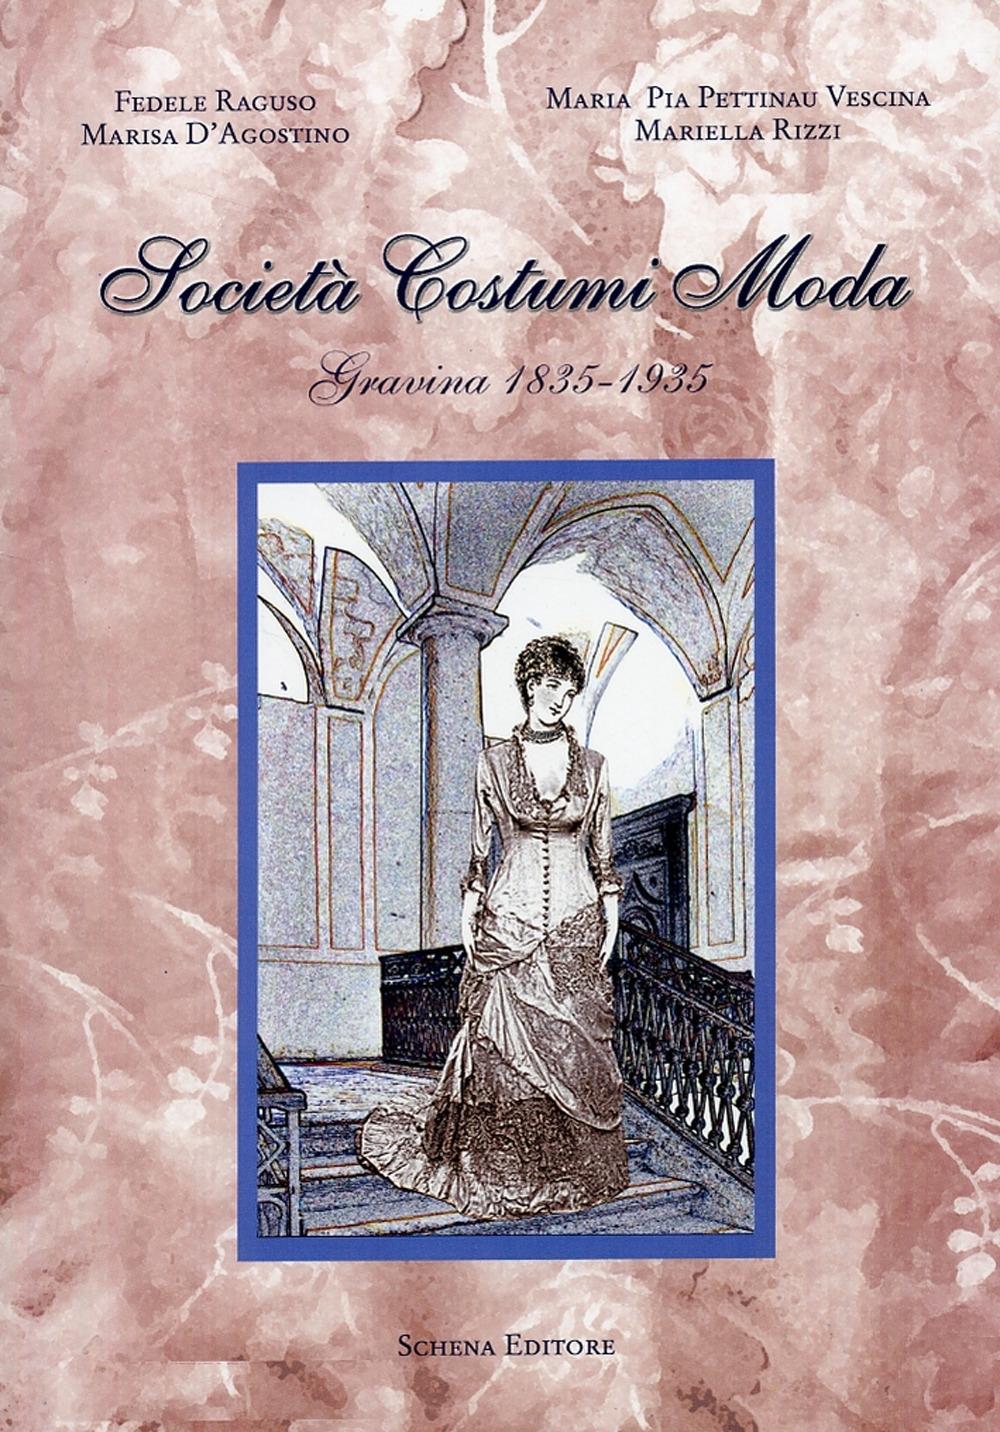 Società Costumi Moda (Gravina, 1835-1935).